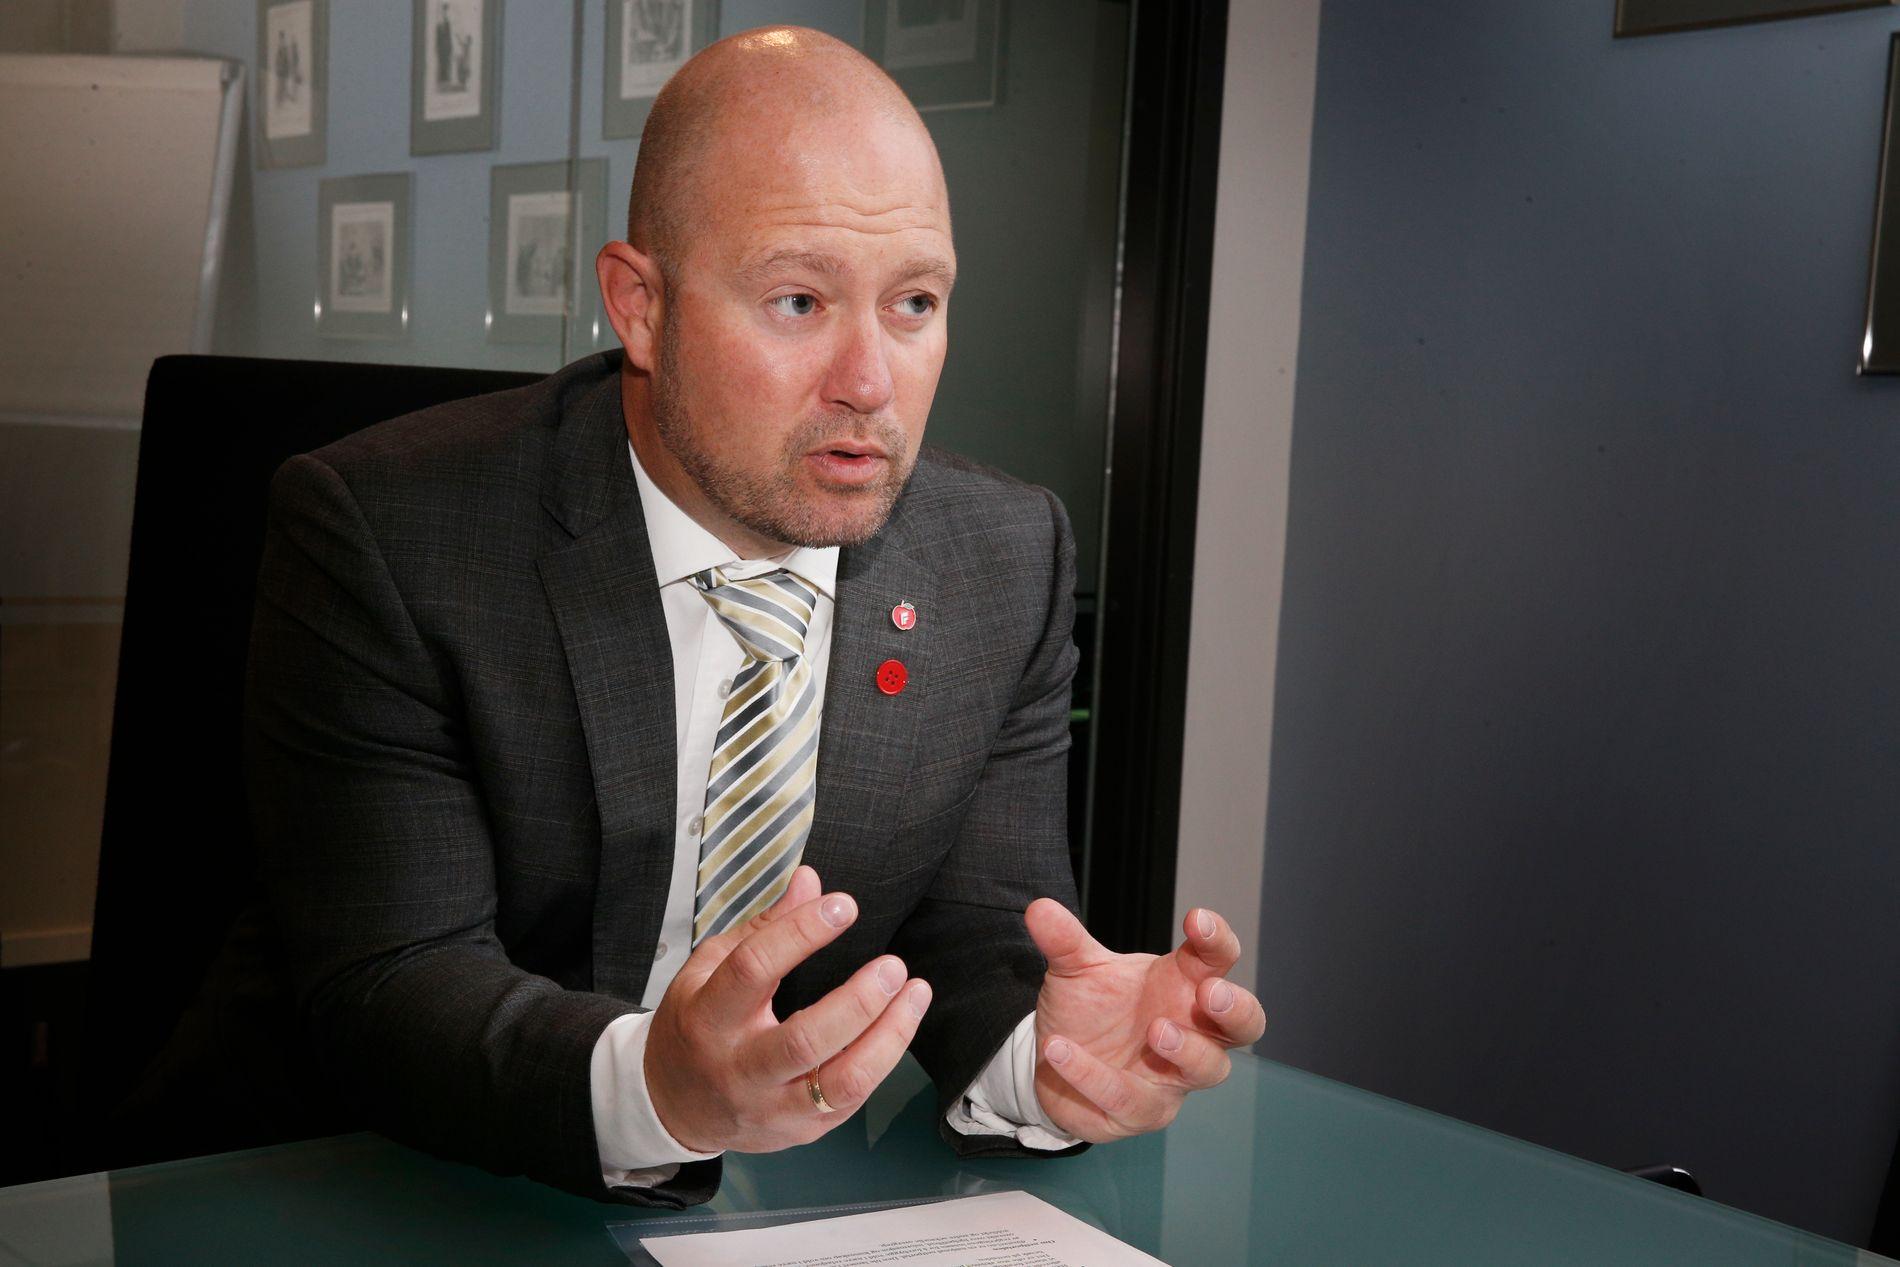 SKULLE STYRKE ARBEIDET: Justisminister Anders Anundsen har vedtatt at regjeringen skulle styrke arbeidet med økonomisk kriminalitet. Nå mener flere fagfolk at arbeidet er svekket.